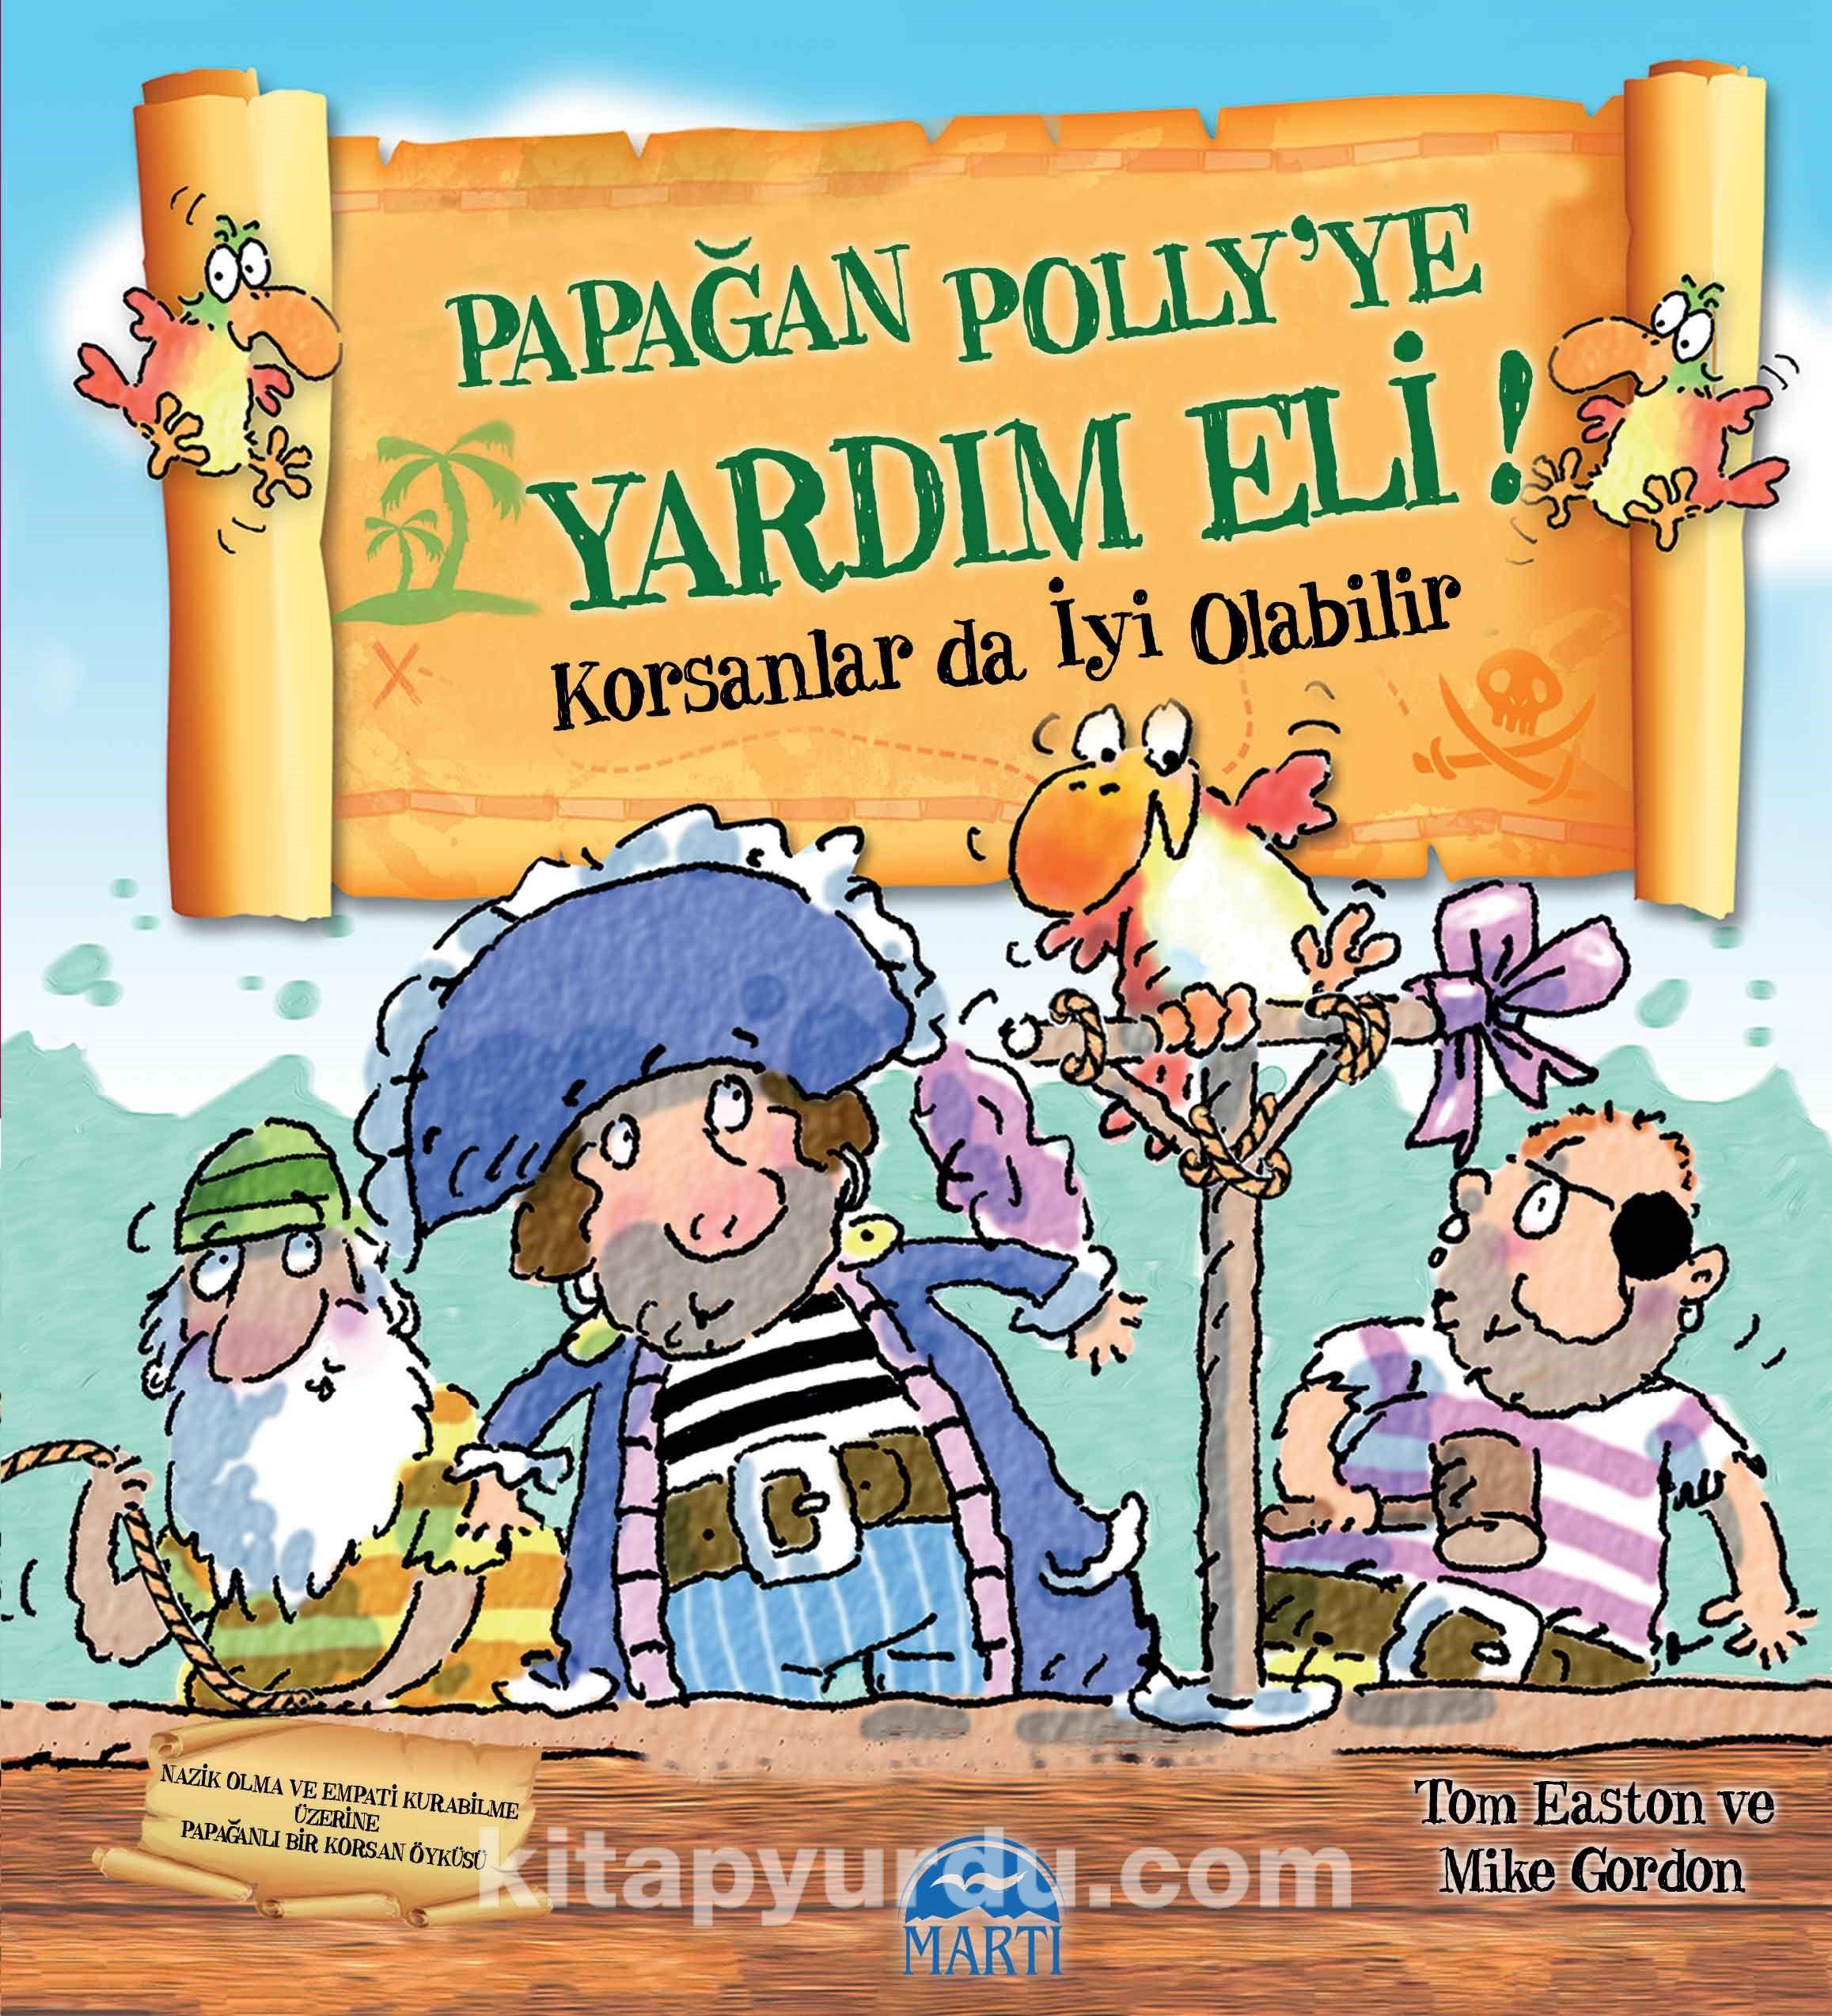 Papağan Polly'ye Yardım Eli!Korsanlar da İyi Olabilir